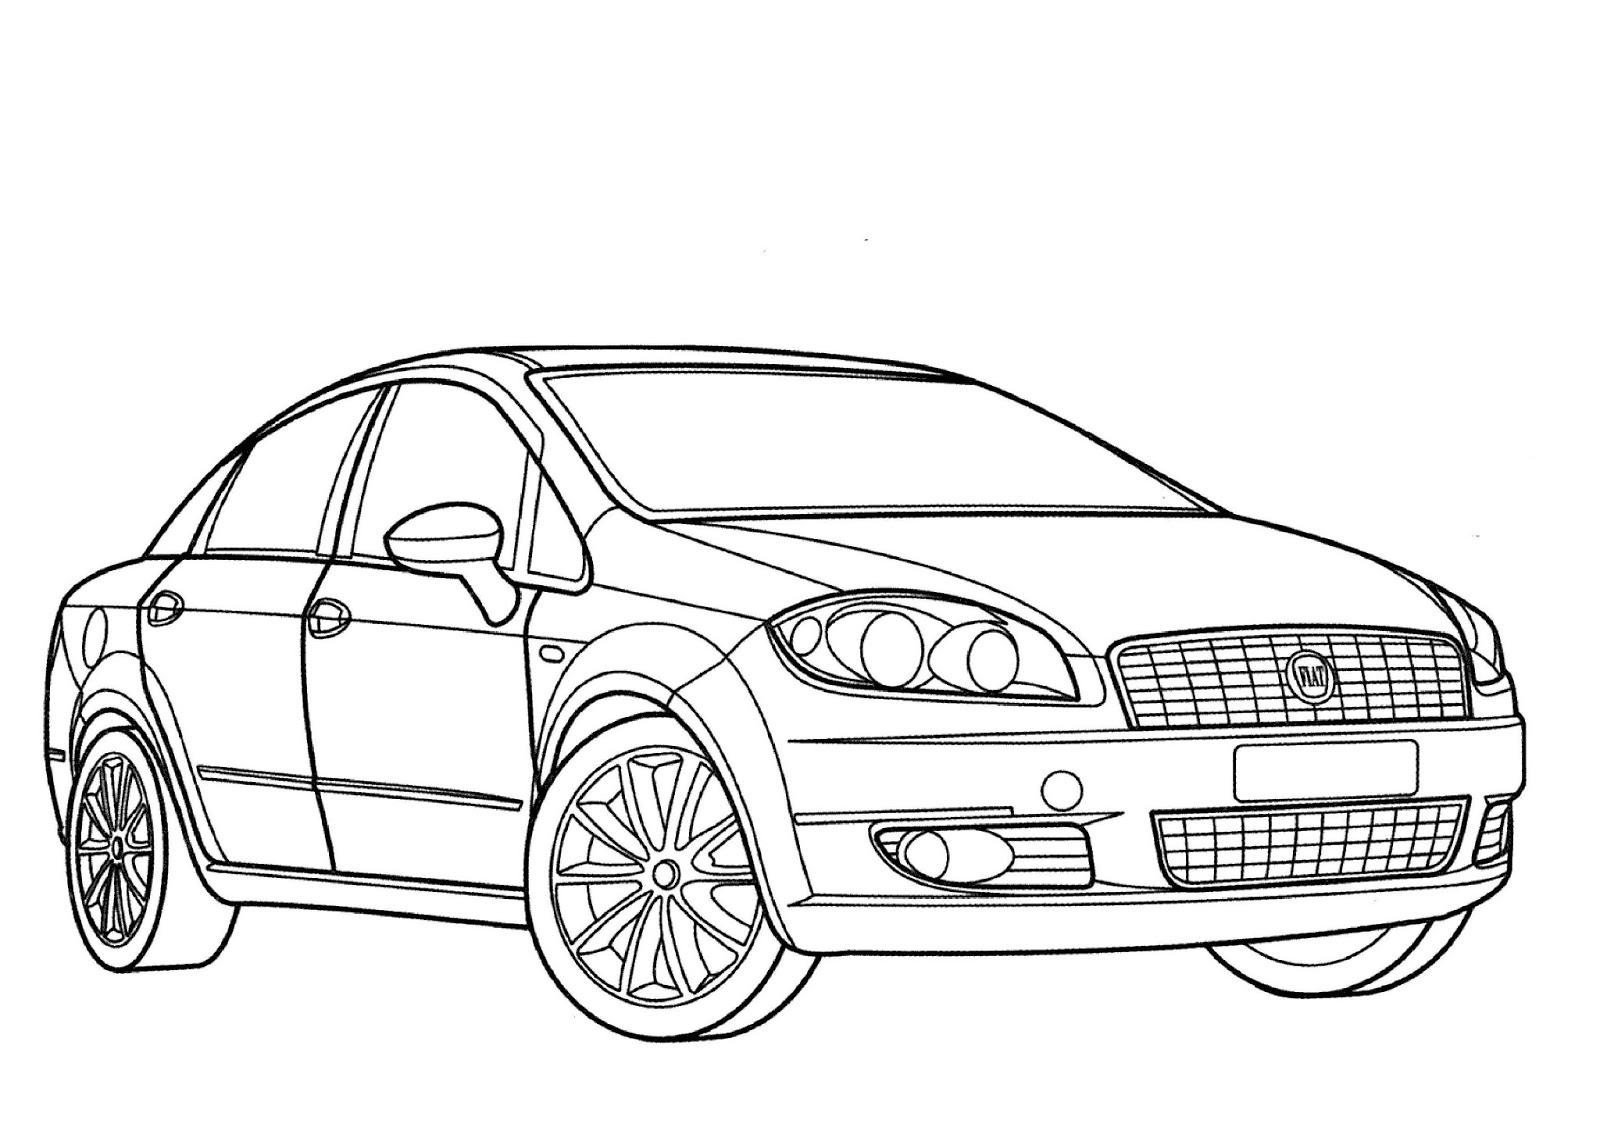 Famoso Páginas Para Colorear De Camiones Y Automóviles Inspiración ...